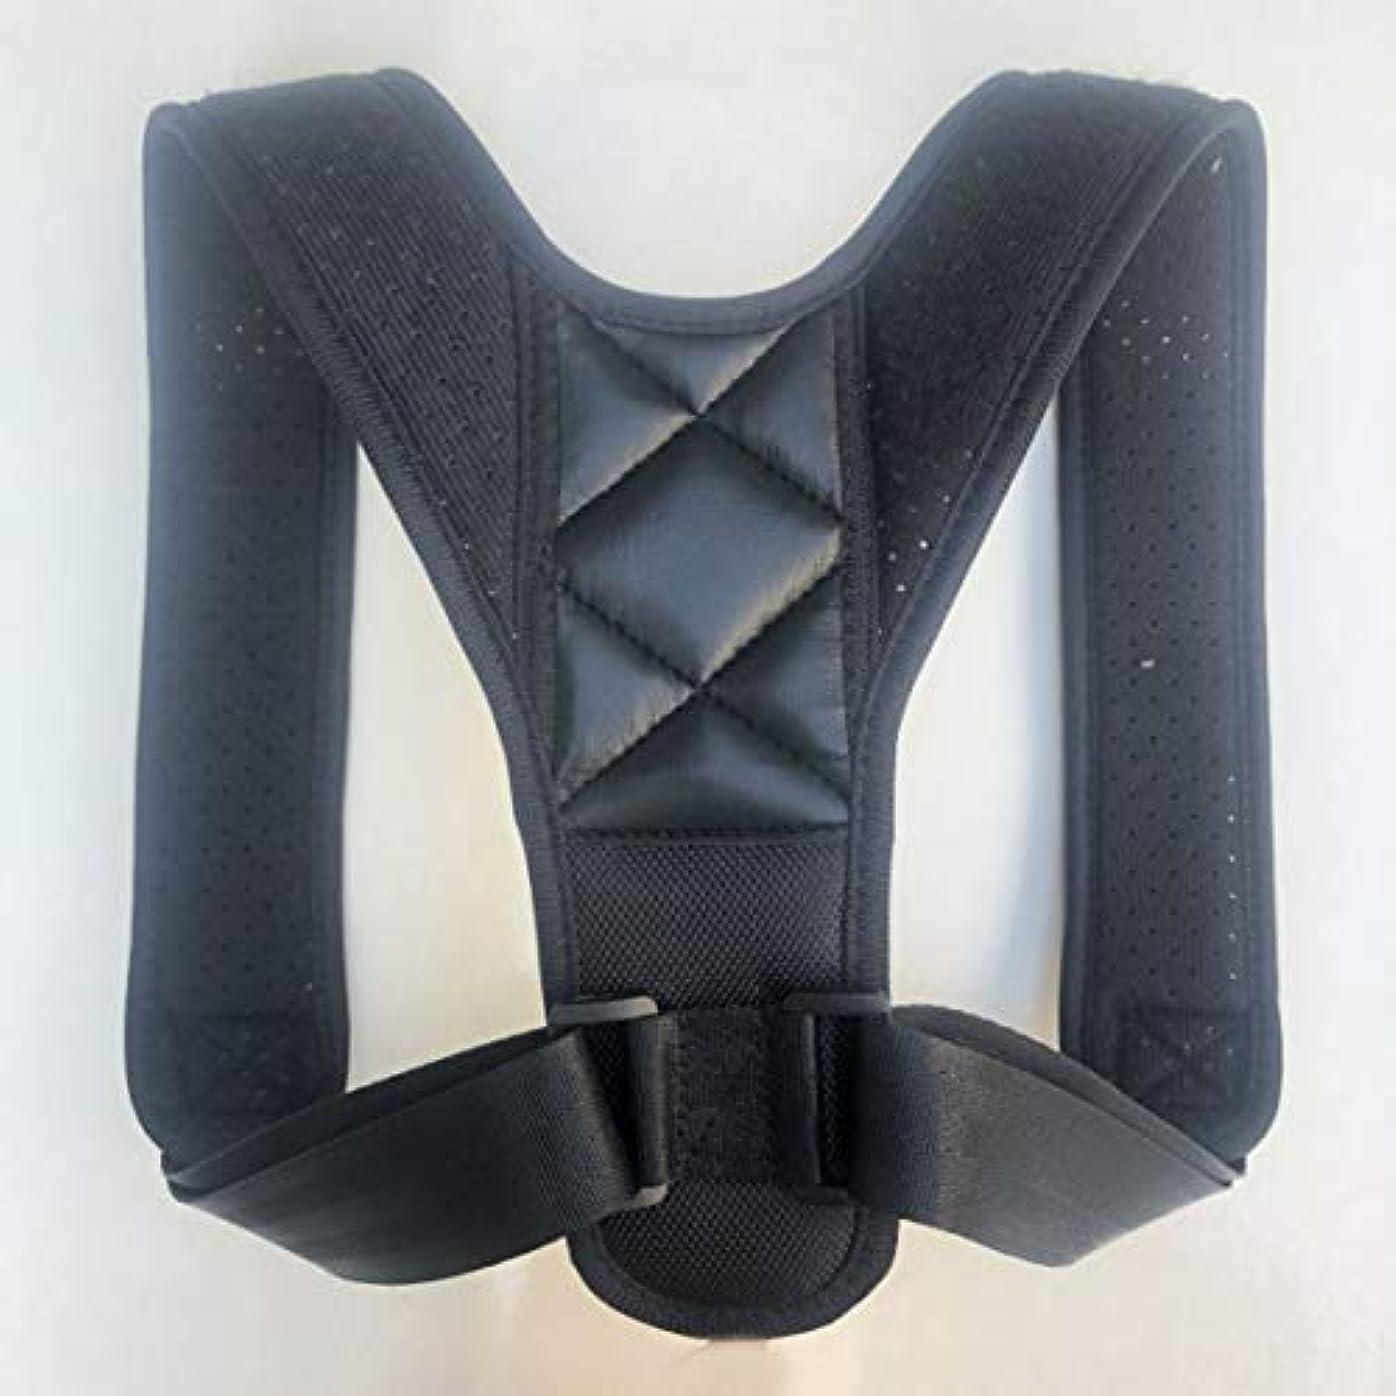 ピンダイヤル黒人アッパーバックポスチャーコレクター姿勢鎖骨サポートコレクターバックストレートショルダーブレースストラップコレクター - ブラック